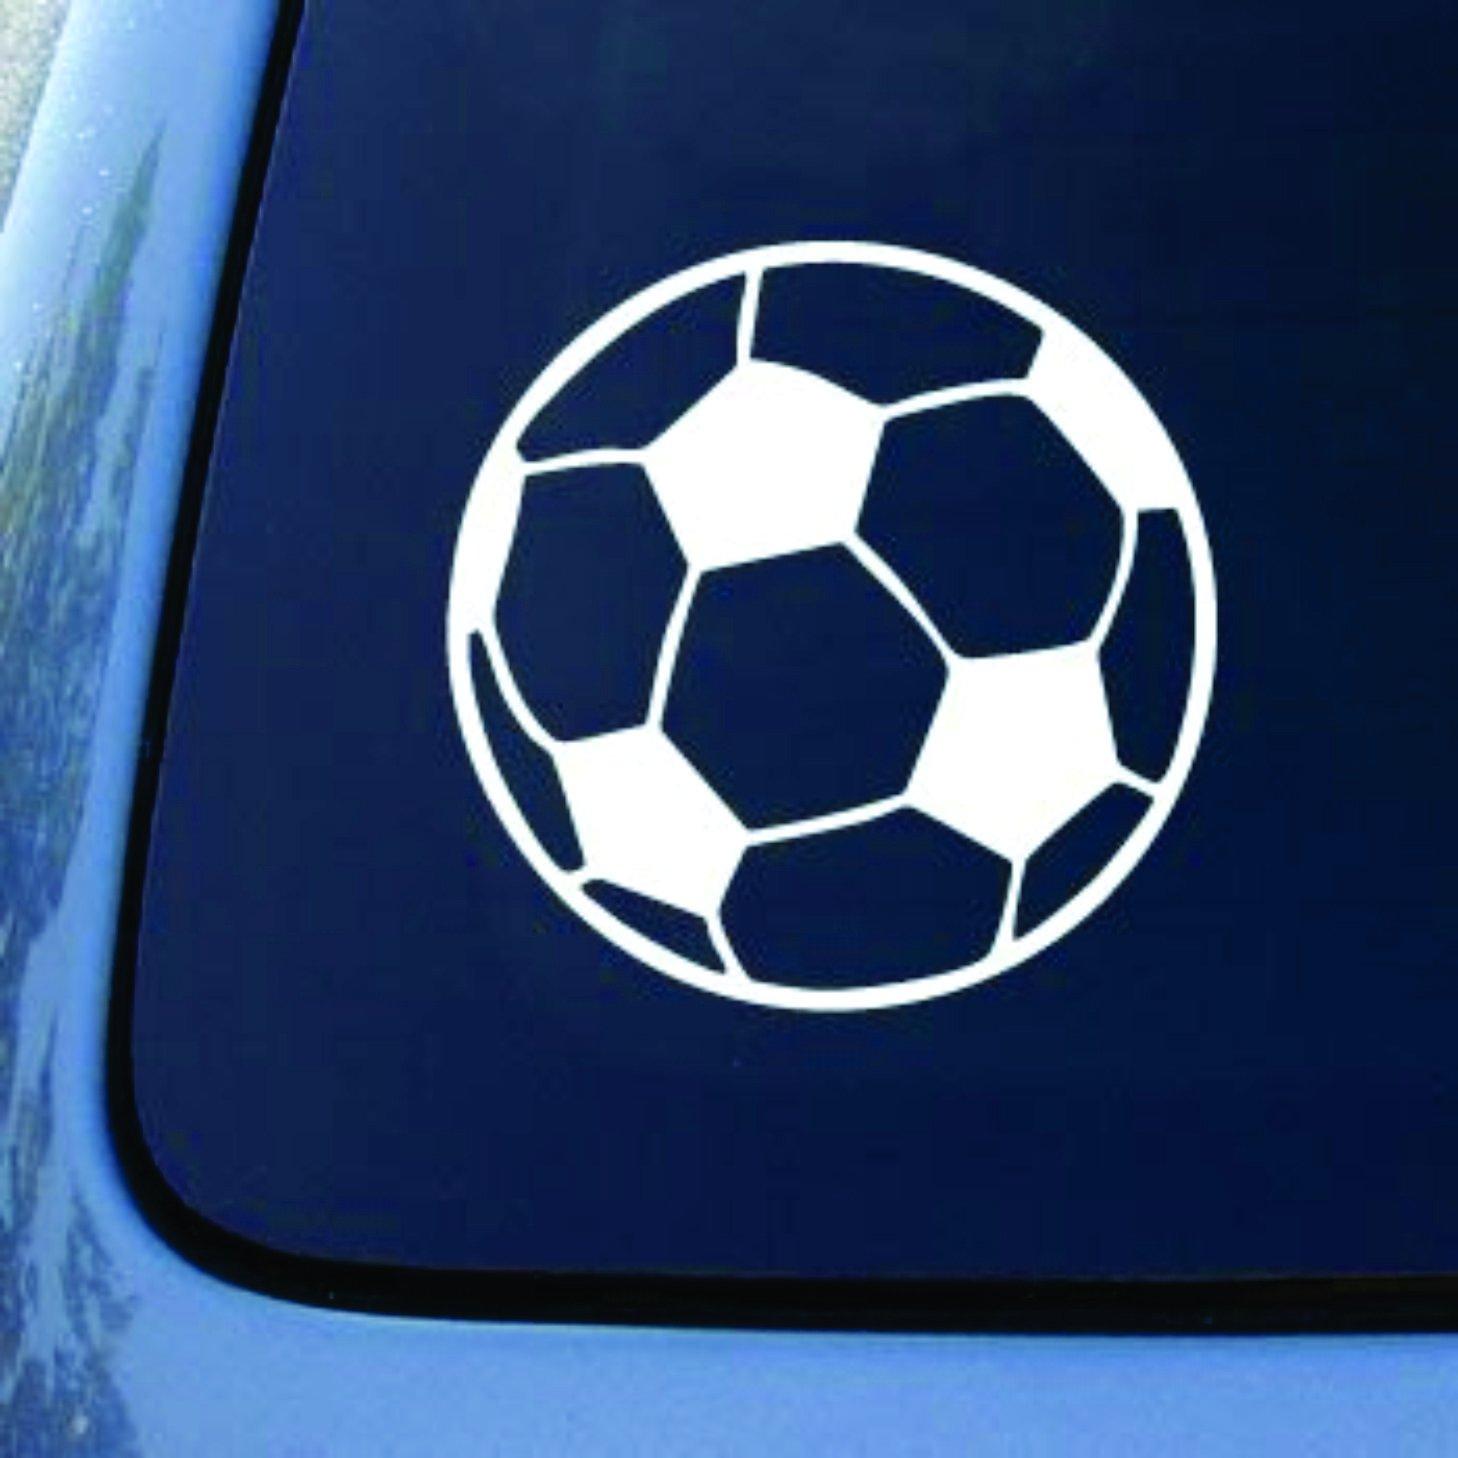 """Soccer Ball - Football - Car, Truck, Notebook, Vinyl Decal Sticker (5.5"""", White)"""